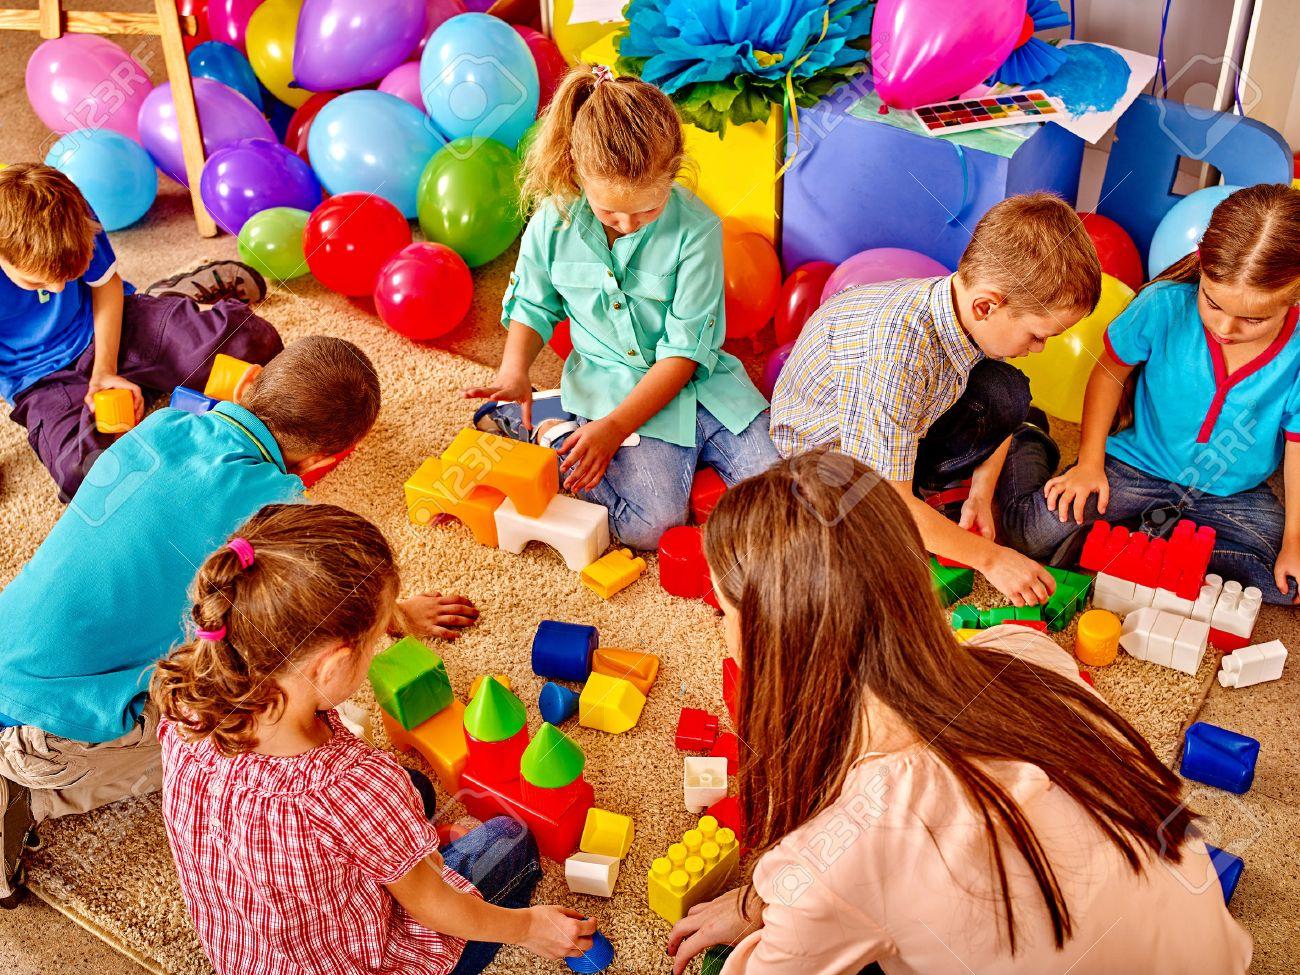 Group children game blocks and balloons on floor in kindergarten . Top view. - 48495034